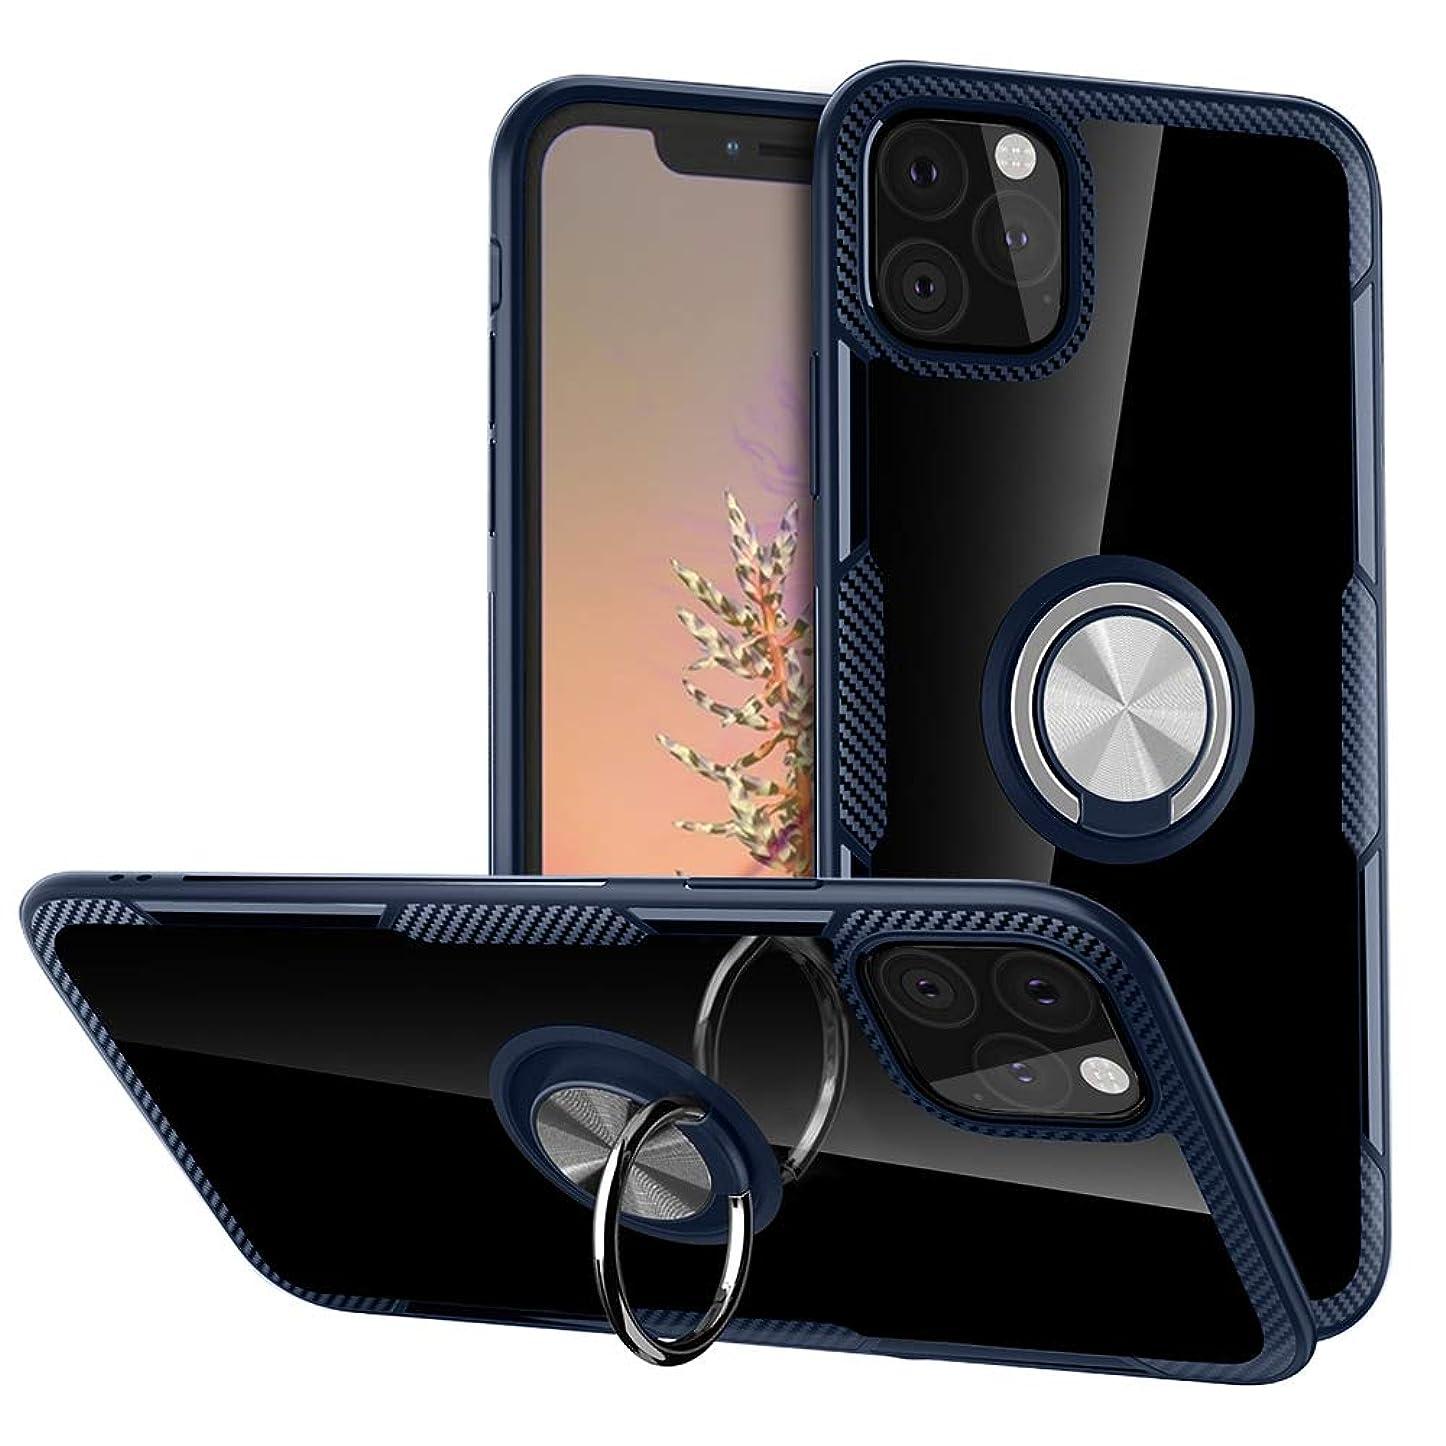 アフリカ人反映する睡眠Grotech iPhone 11 Pro Max ケース 透明カバー クリア リング付き 車載ホルダー対応 ソフト 薄型 アイフォン 11 Pro Max対応(ネビー)